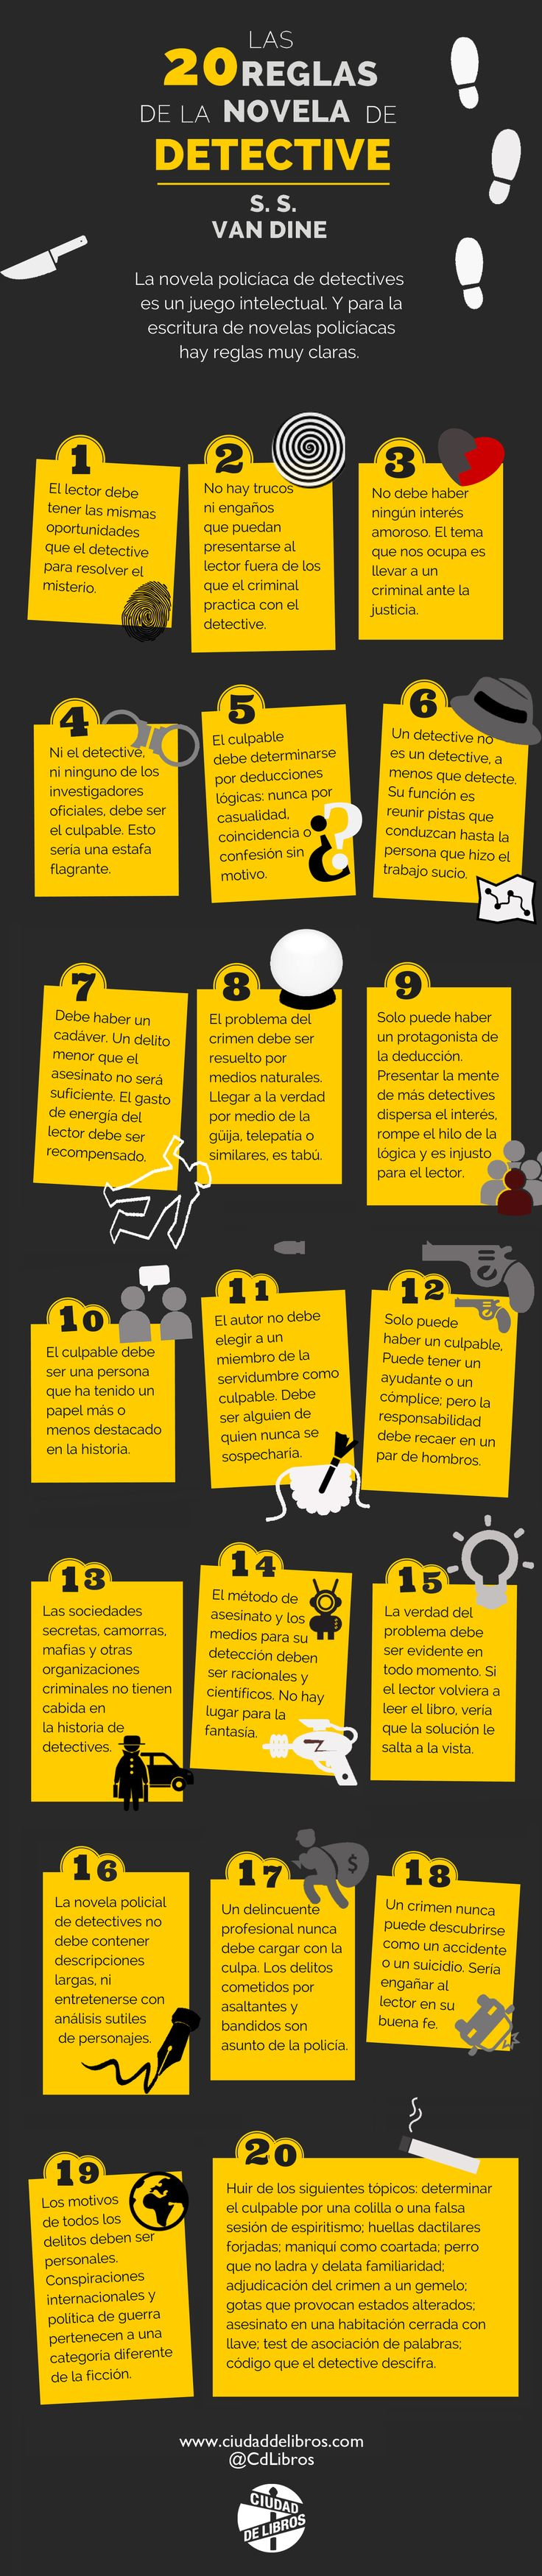 Las 20 reglas de la novela de detective, según S. S. Van Dine: http://ciudaddelibros.com/autores/S+S+Van+Dine.